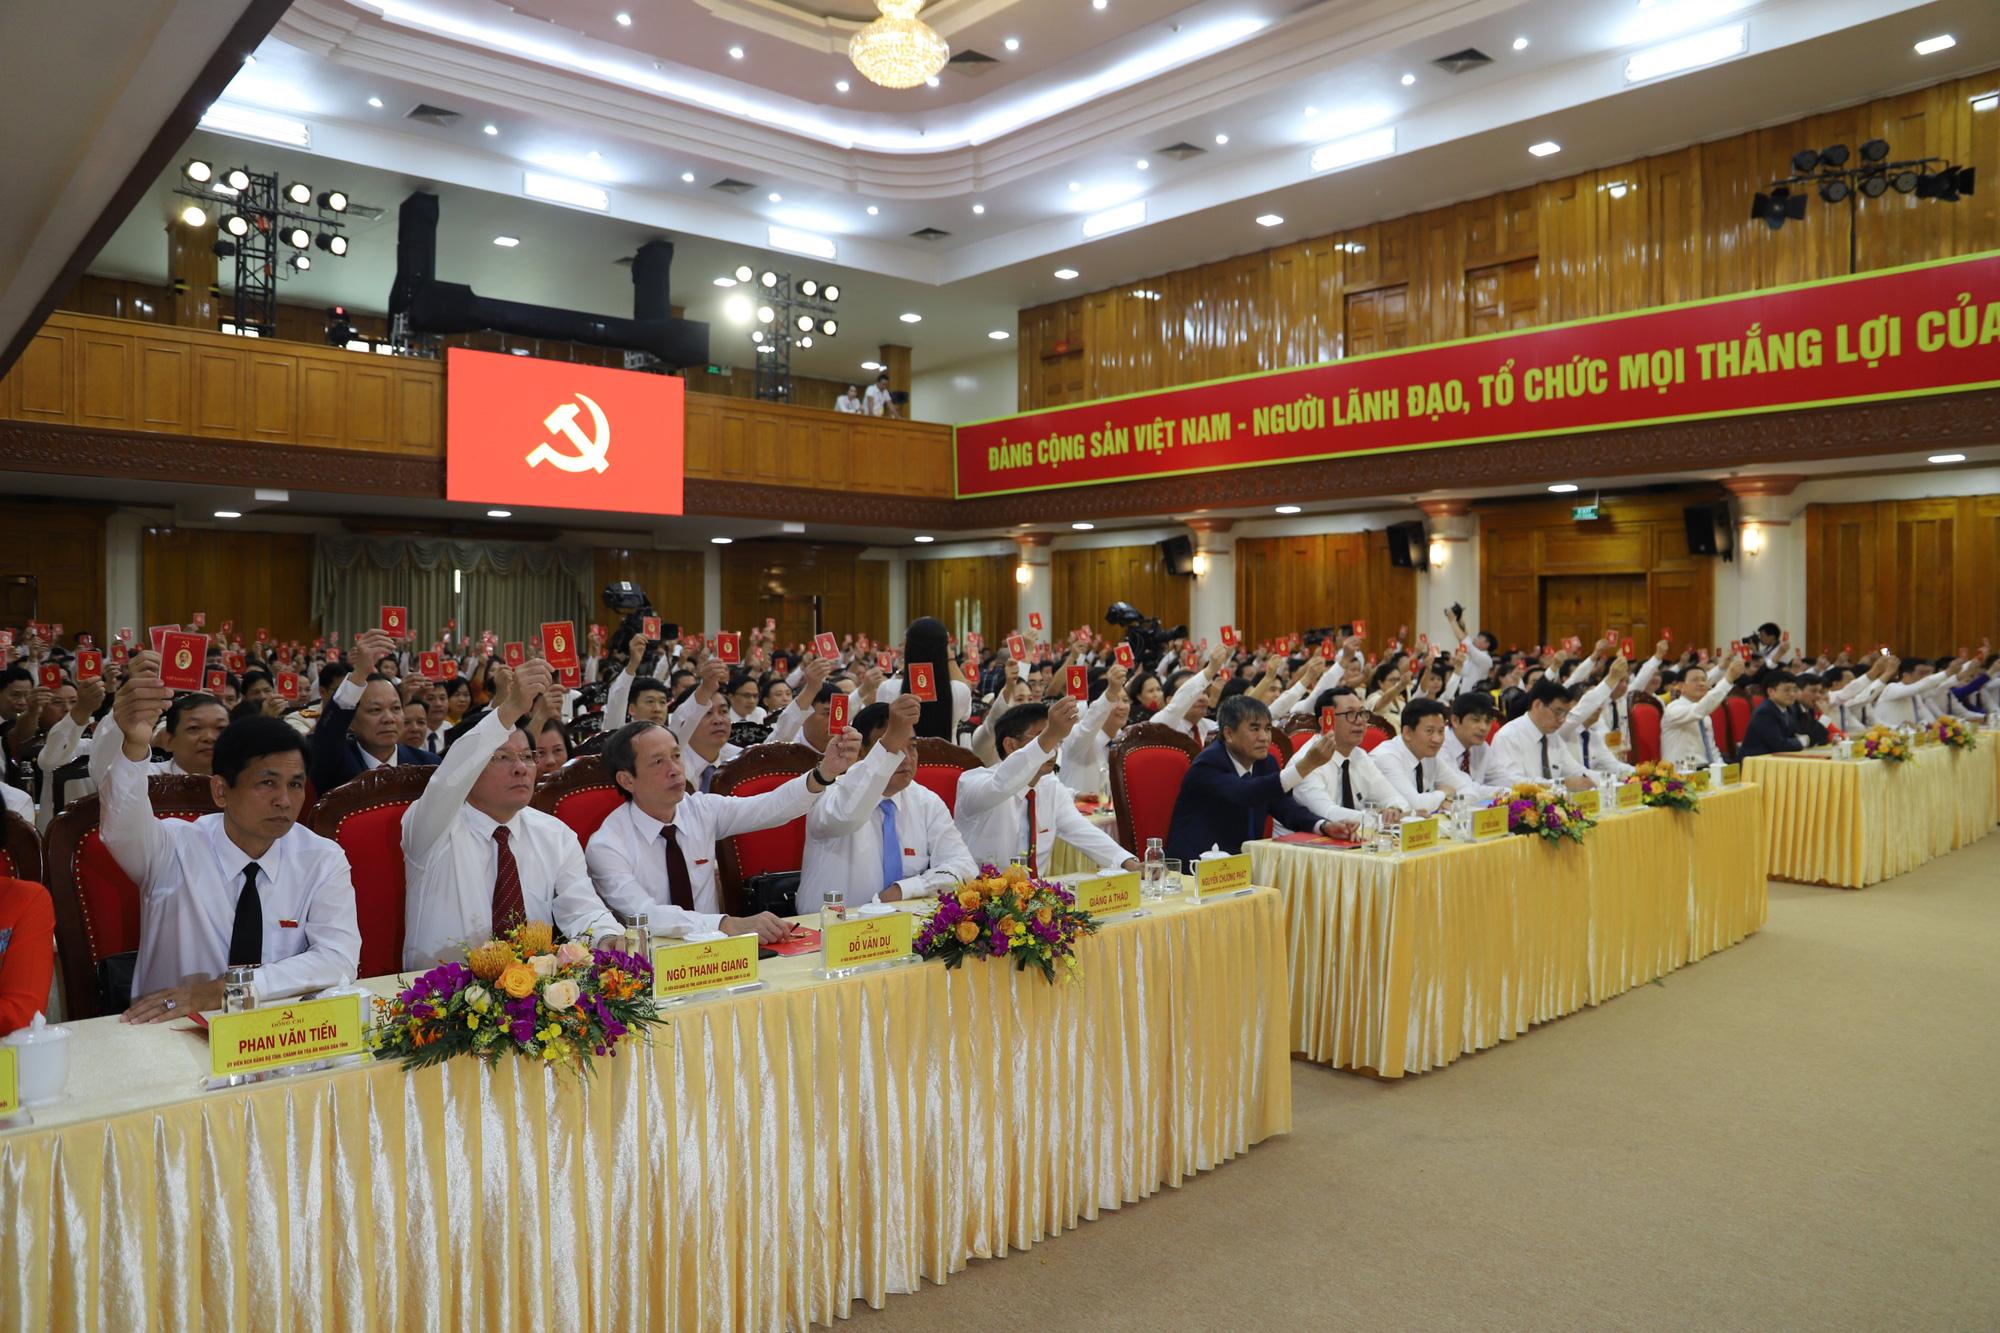 Yên Bái lấy phiếu giới thiệu nhân sự chức danh Bí thư Tỉnh ủy khóa XIX - Ảnh 1.